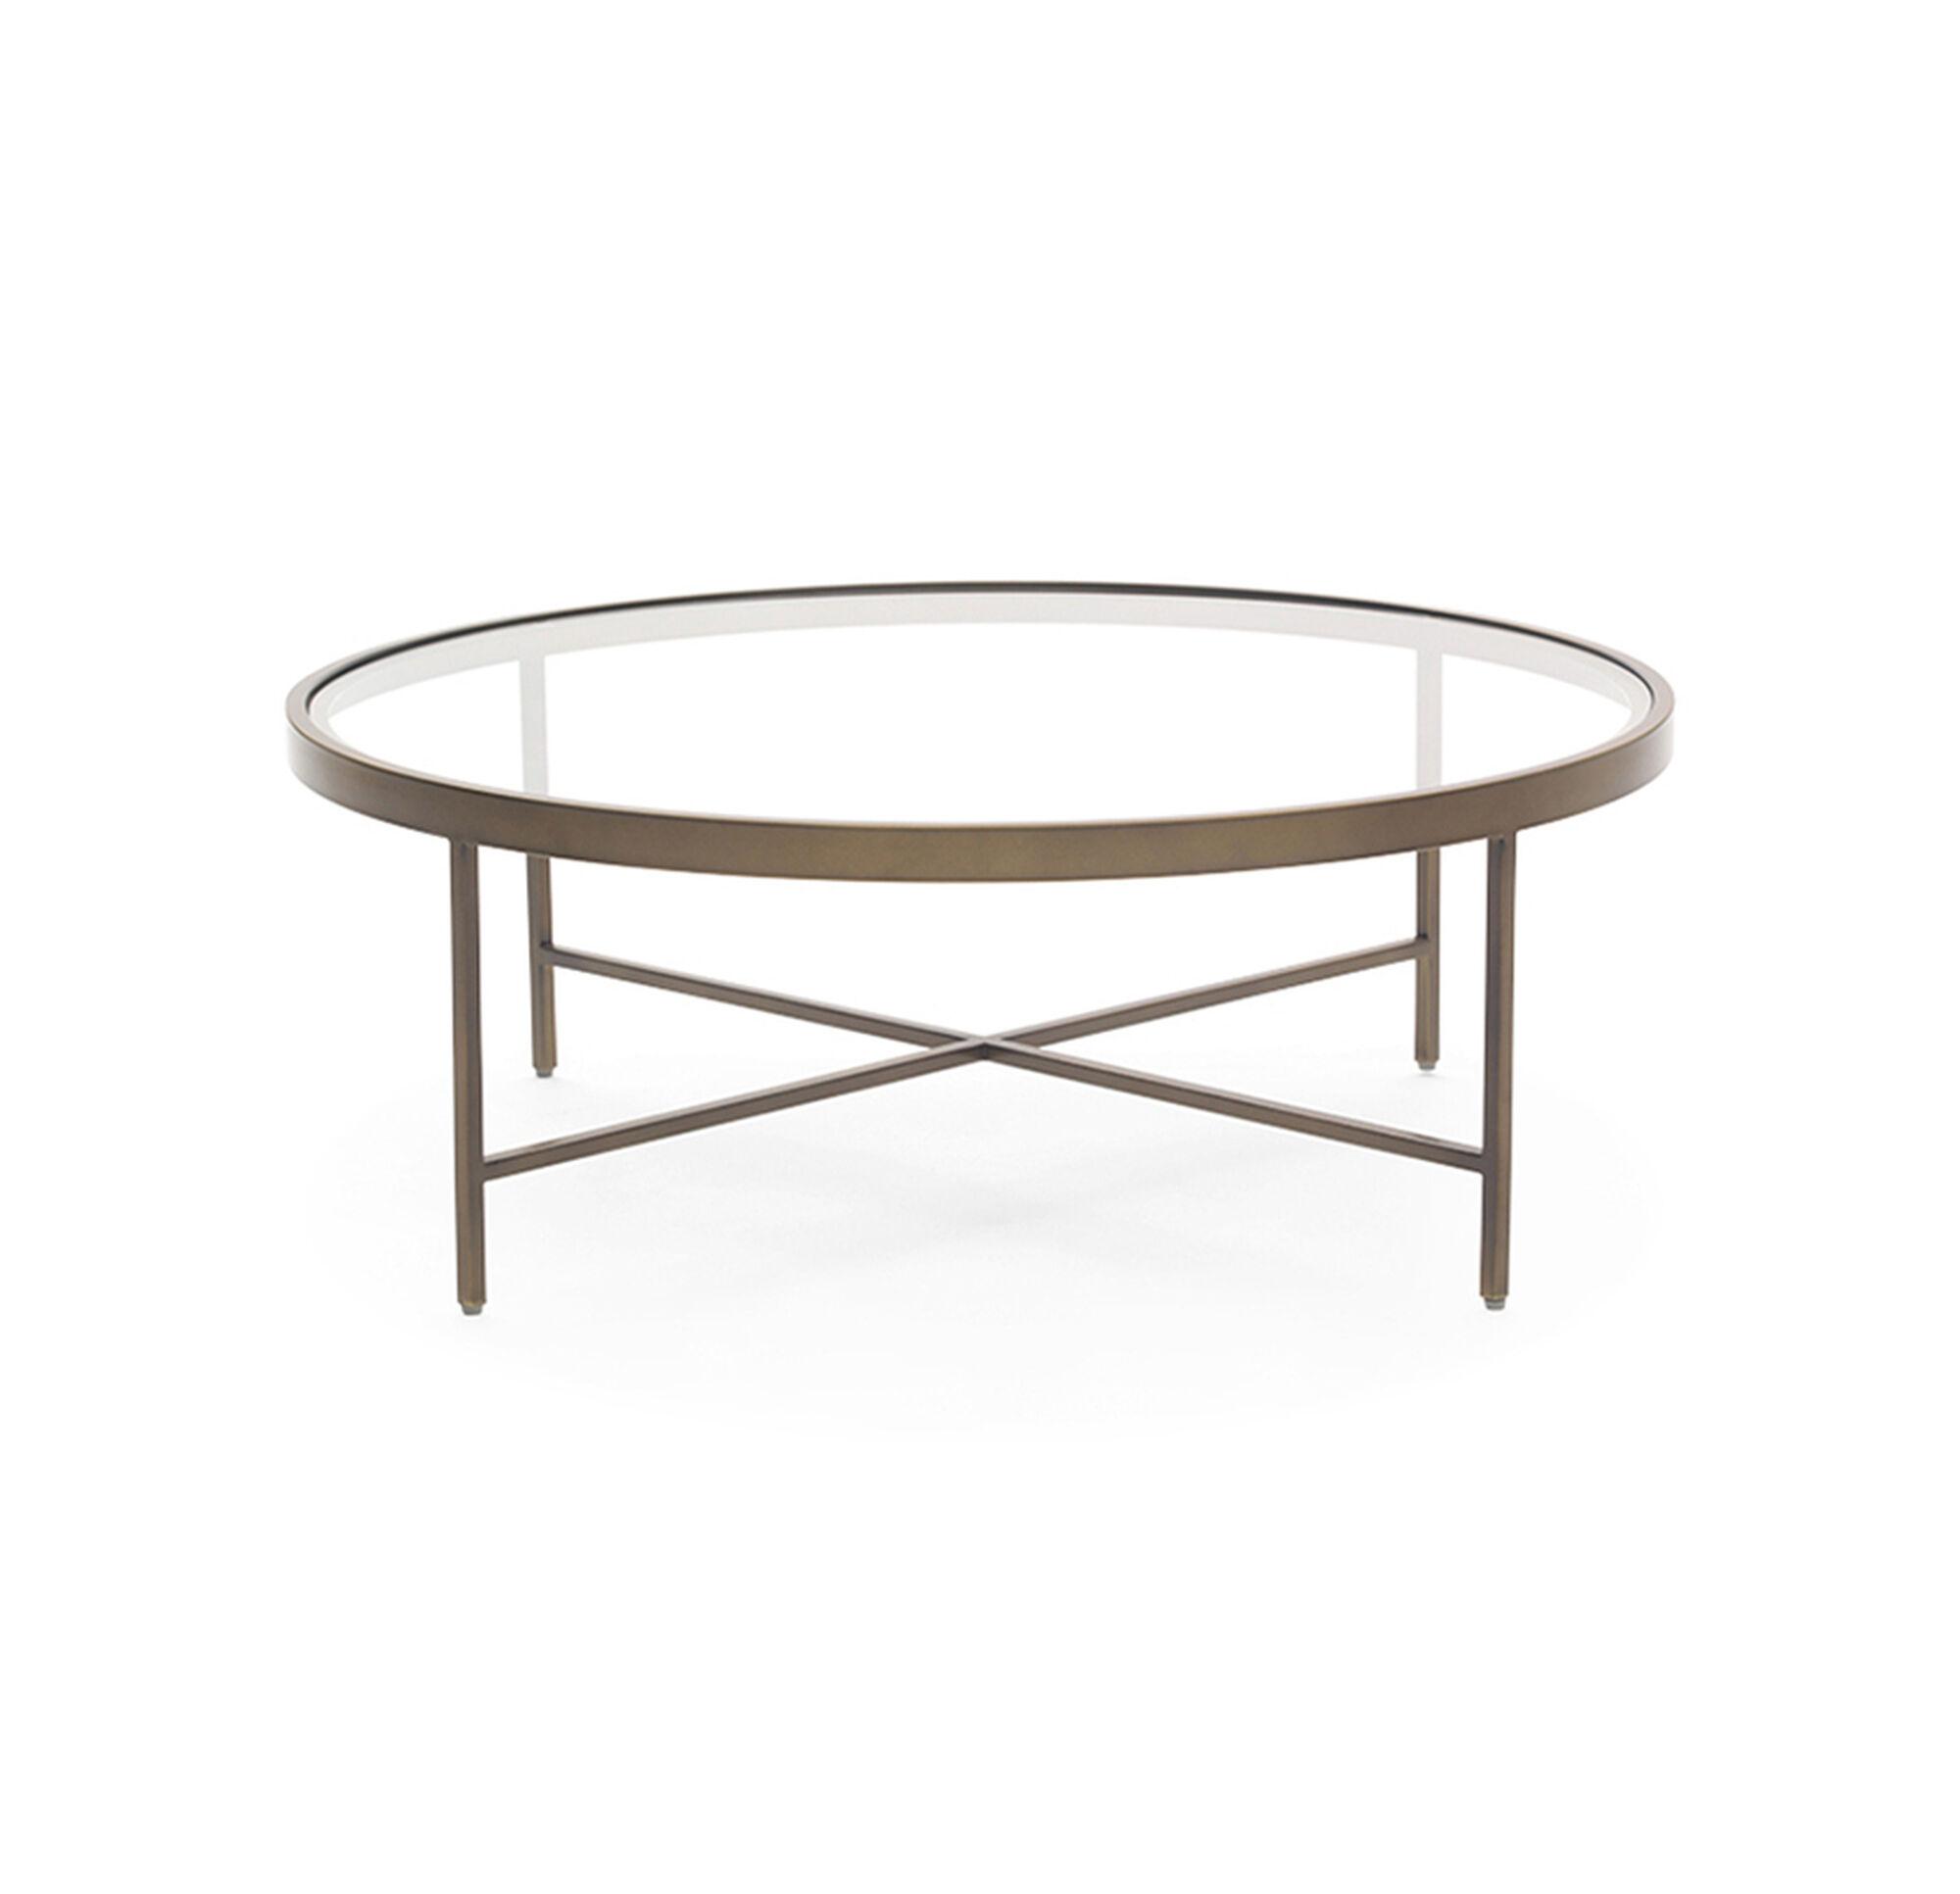 VIENNA ANTIQUE BRASS ROUND COCKTAIL TABLE